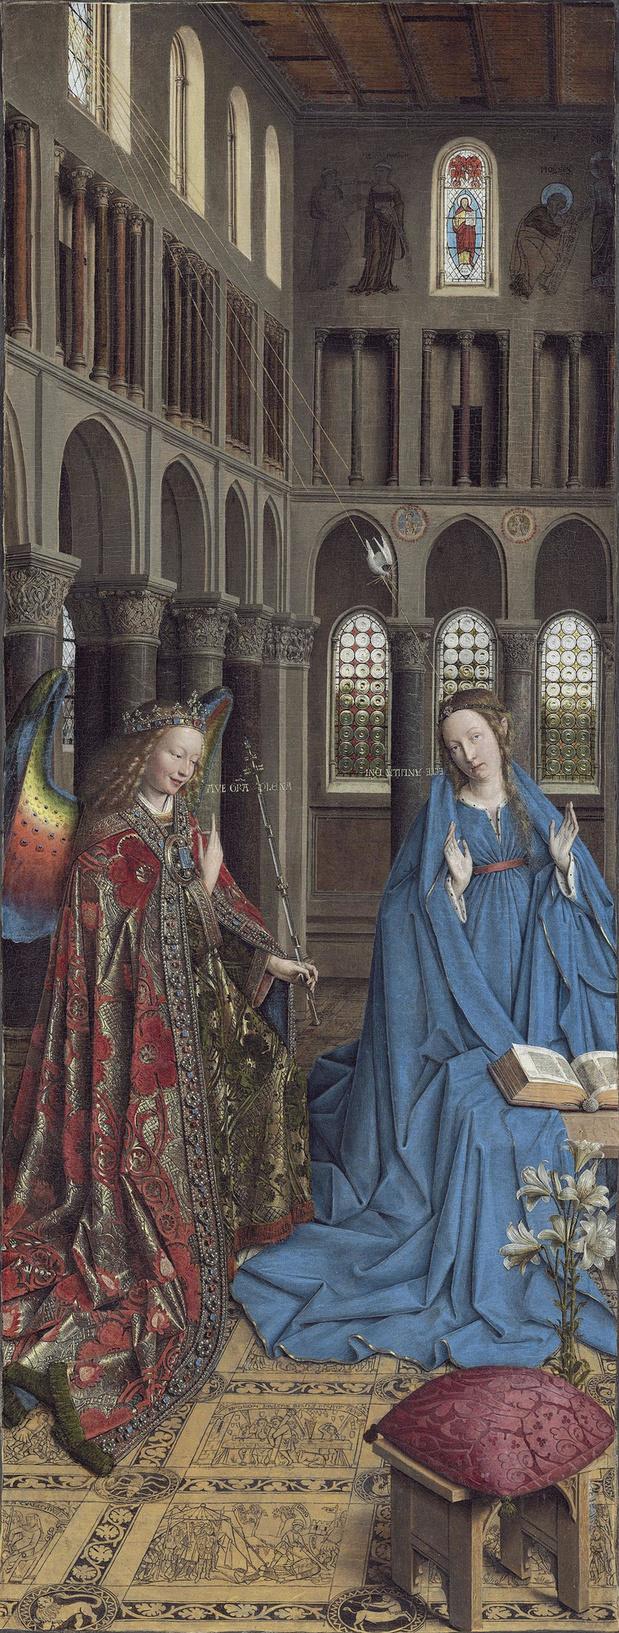 OMG! Van Eyck is here